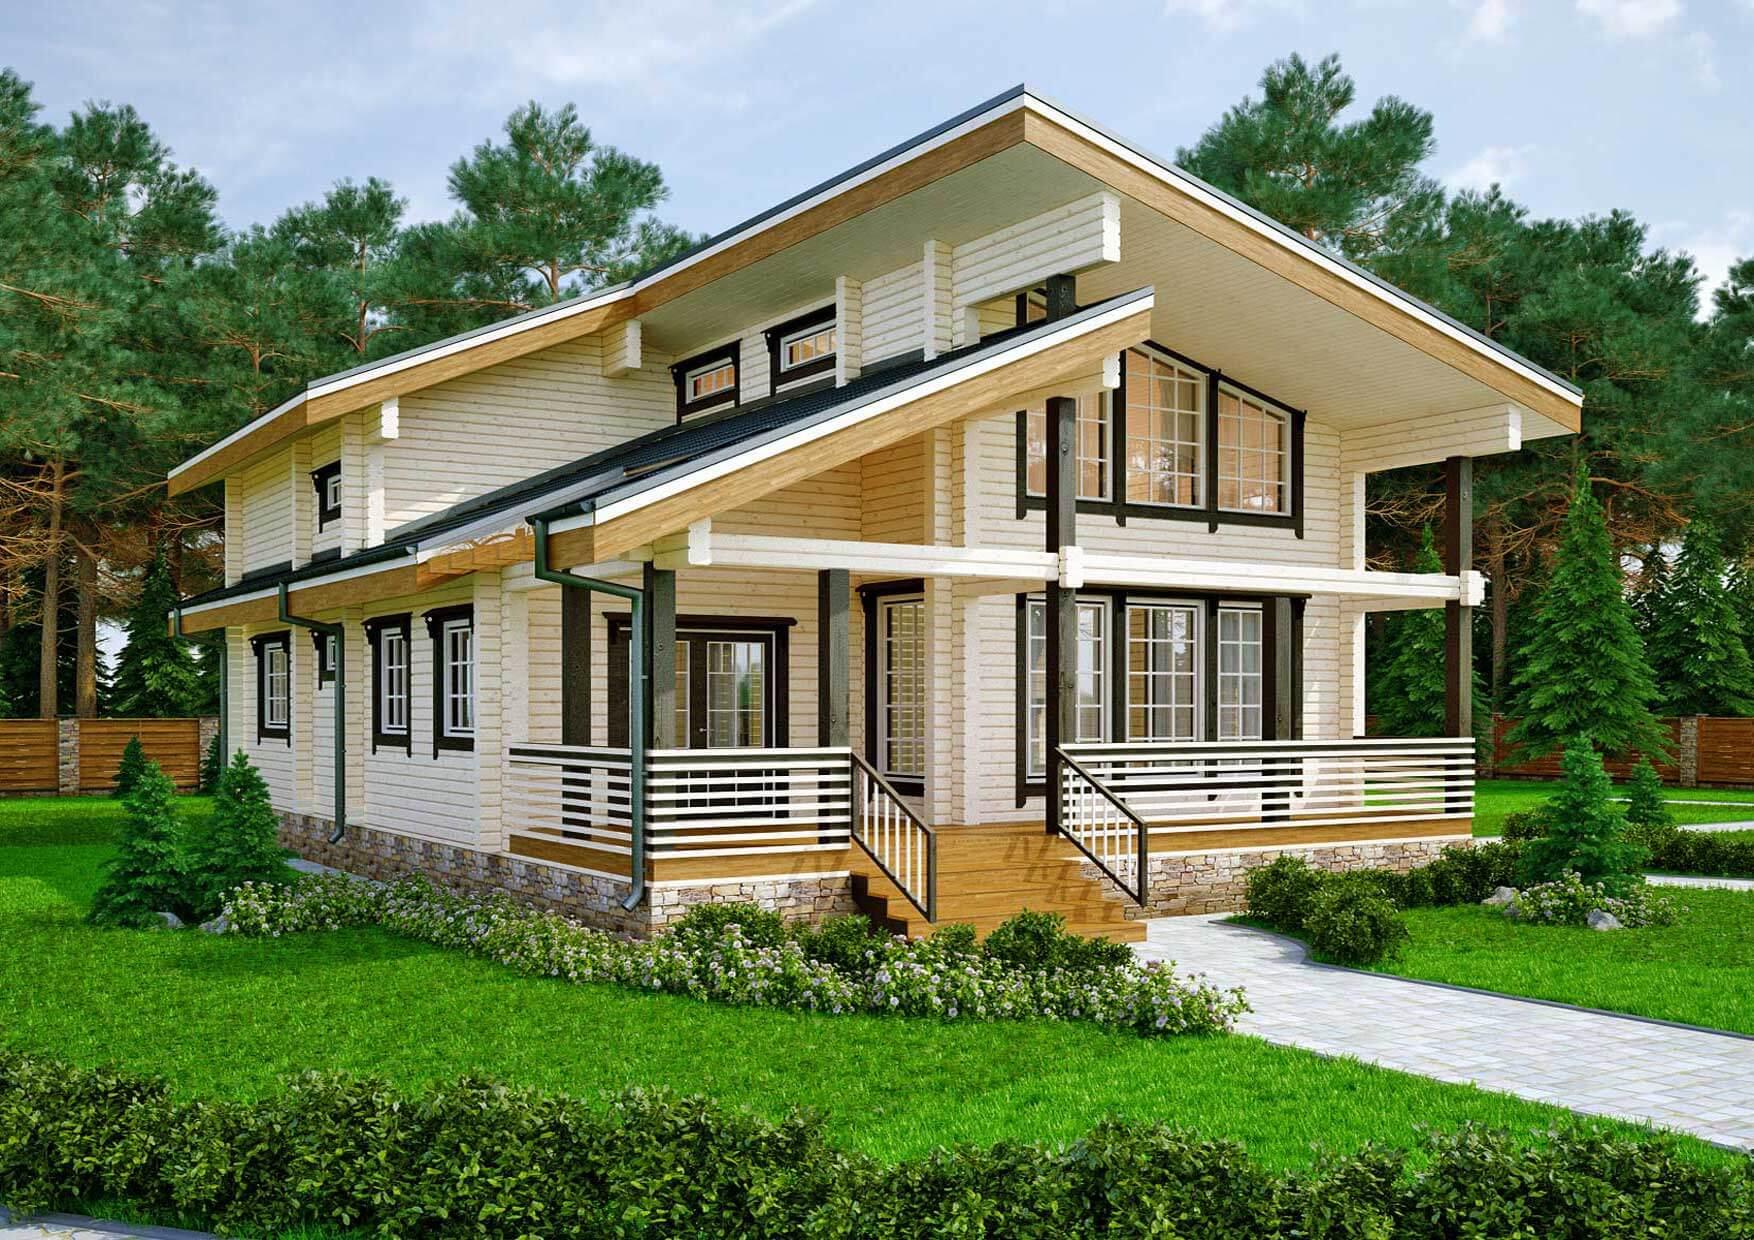 Финский коттедж купить купить квартиру за границей с внж